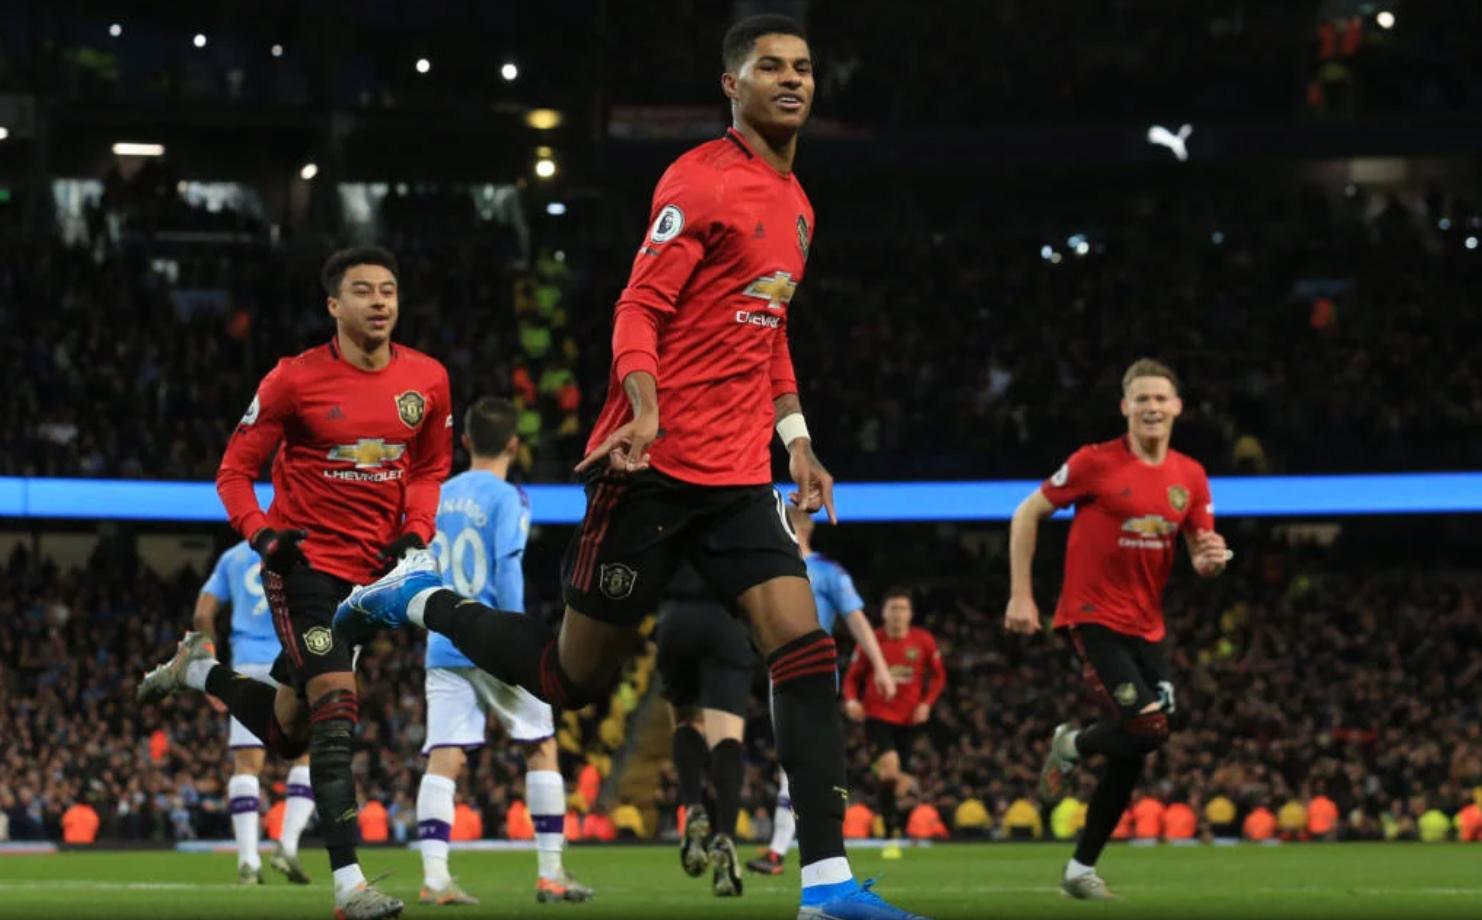 Com gols de Rashford e Martial, os Diabos Vermelhos venceram o dérbi por 2 a 1